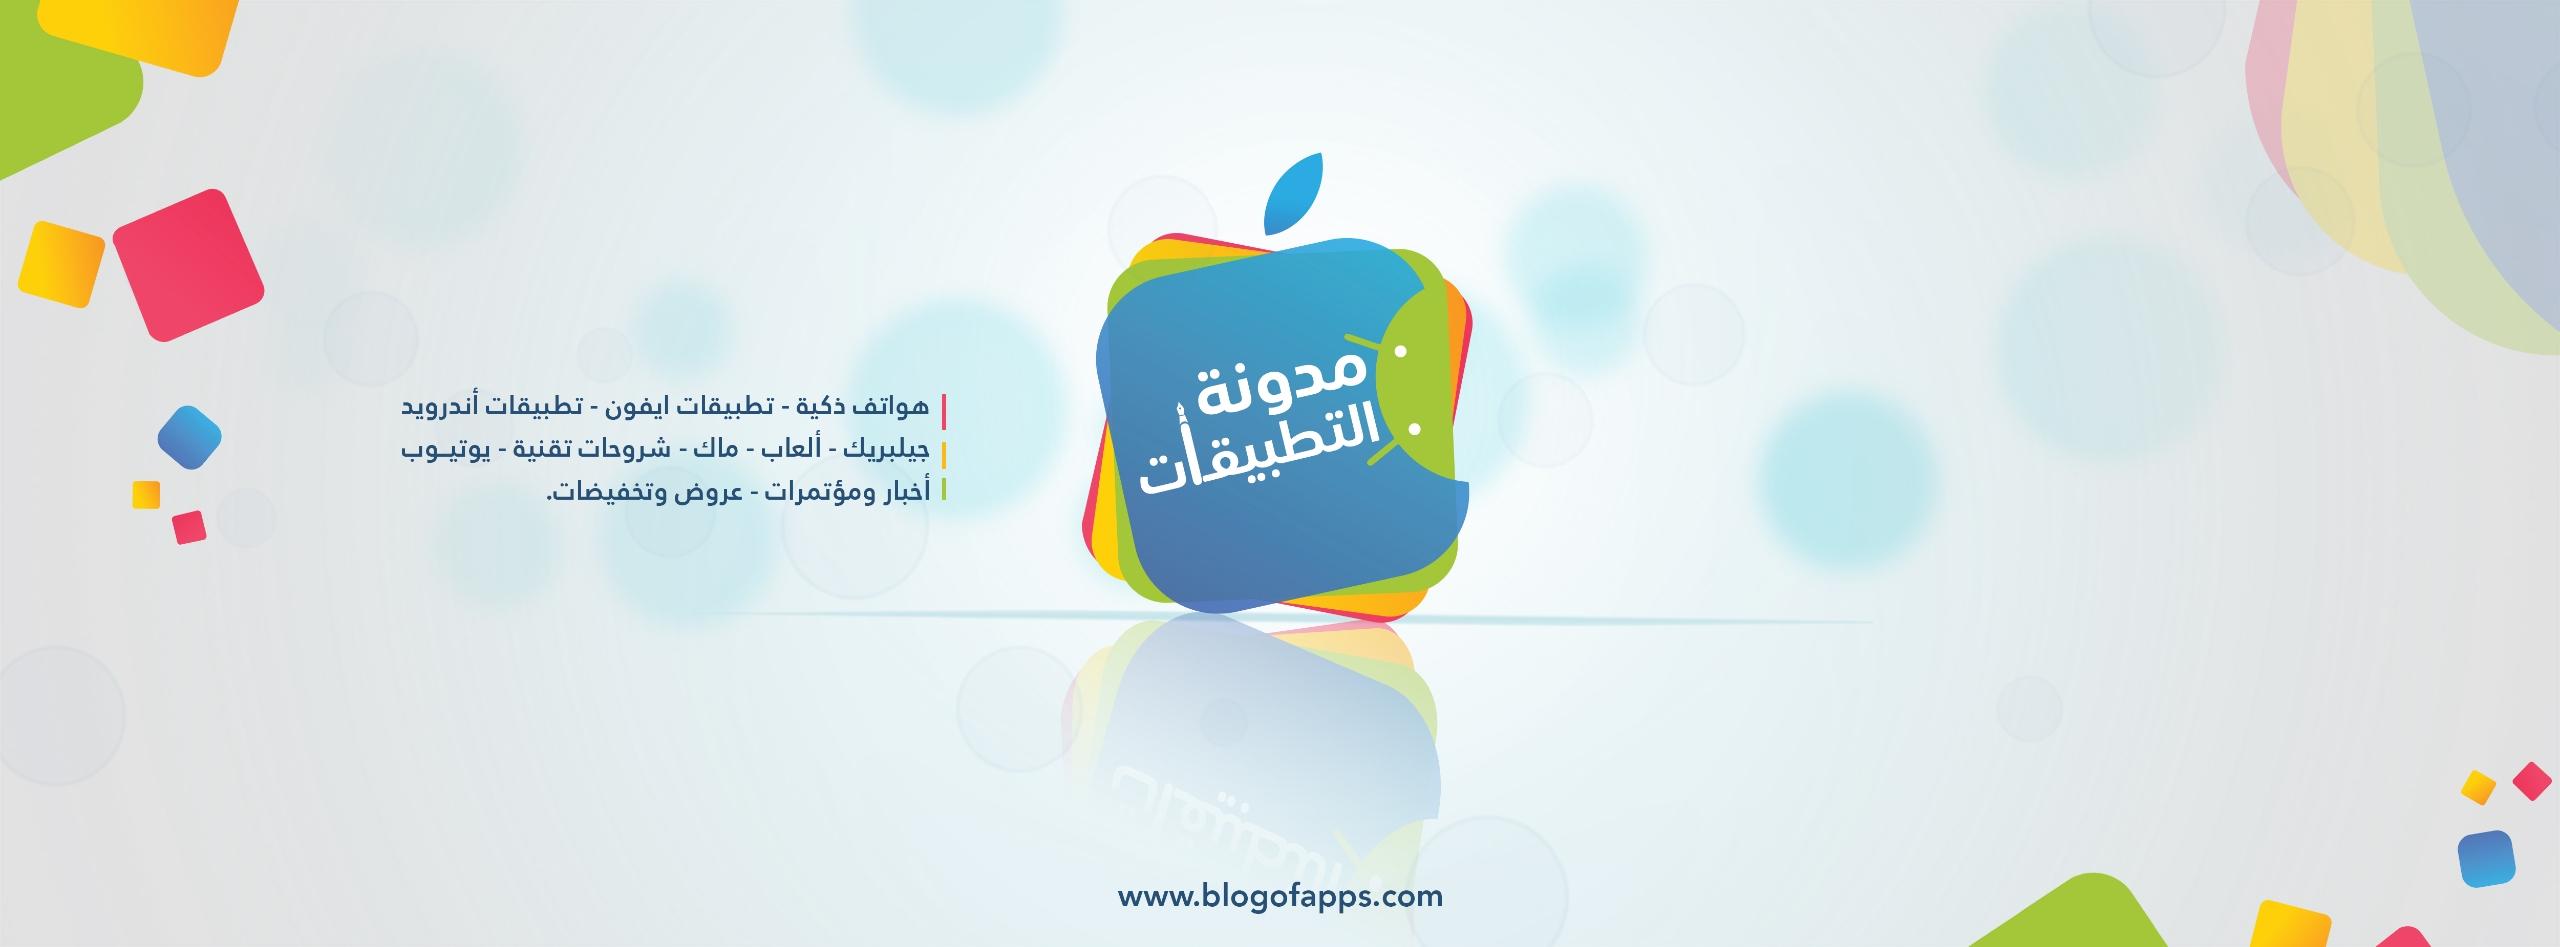 مدونة التطبيقات (@blogofapps) Cover Image